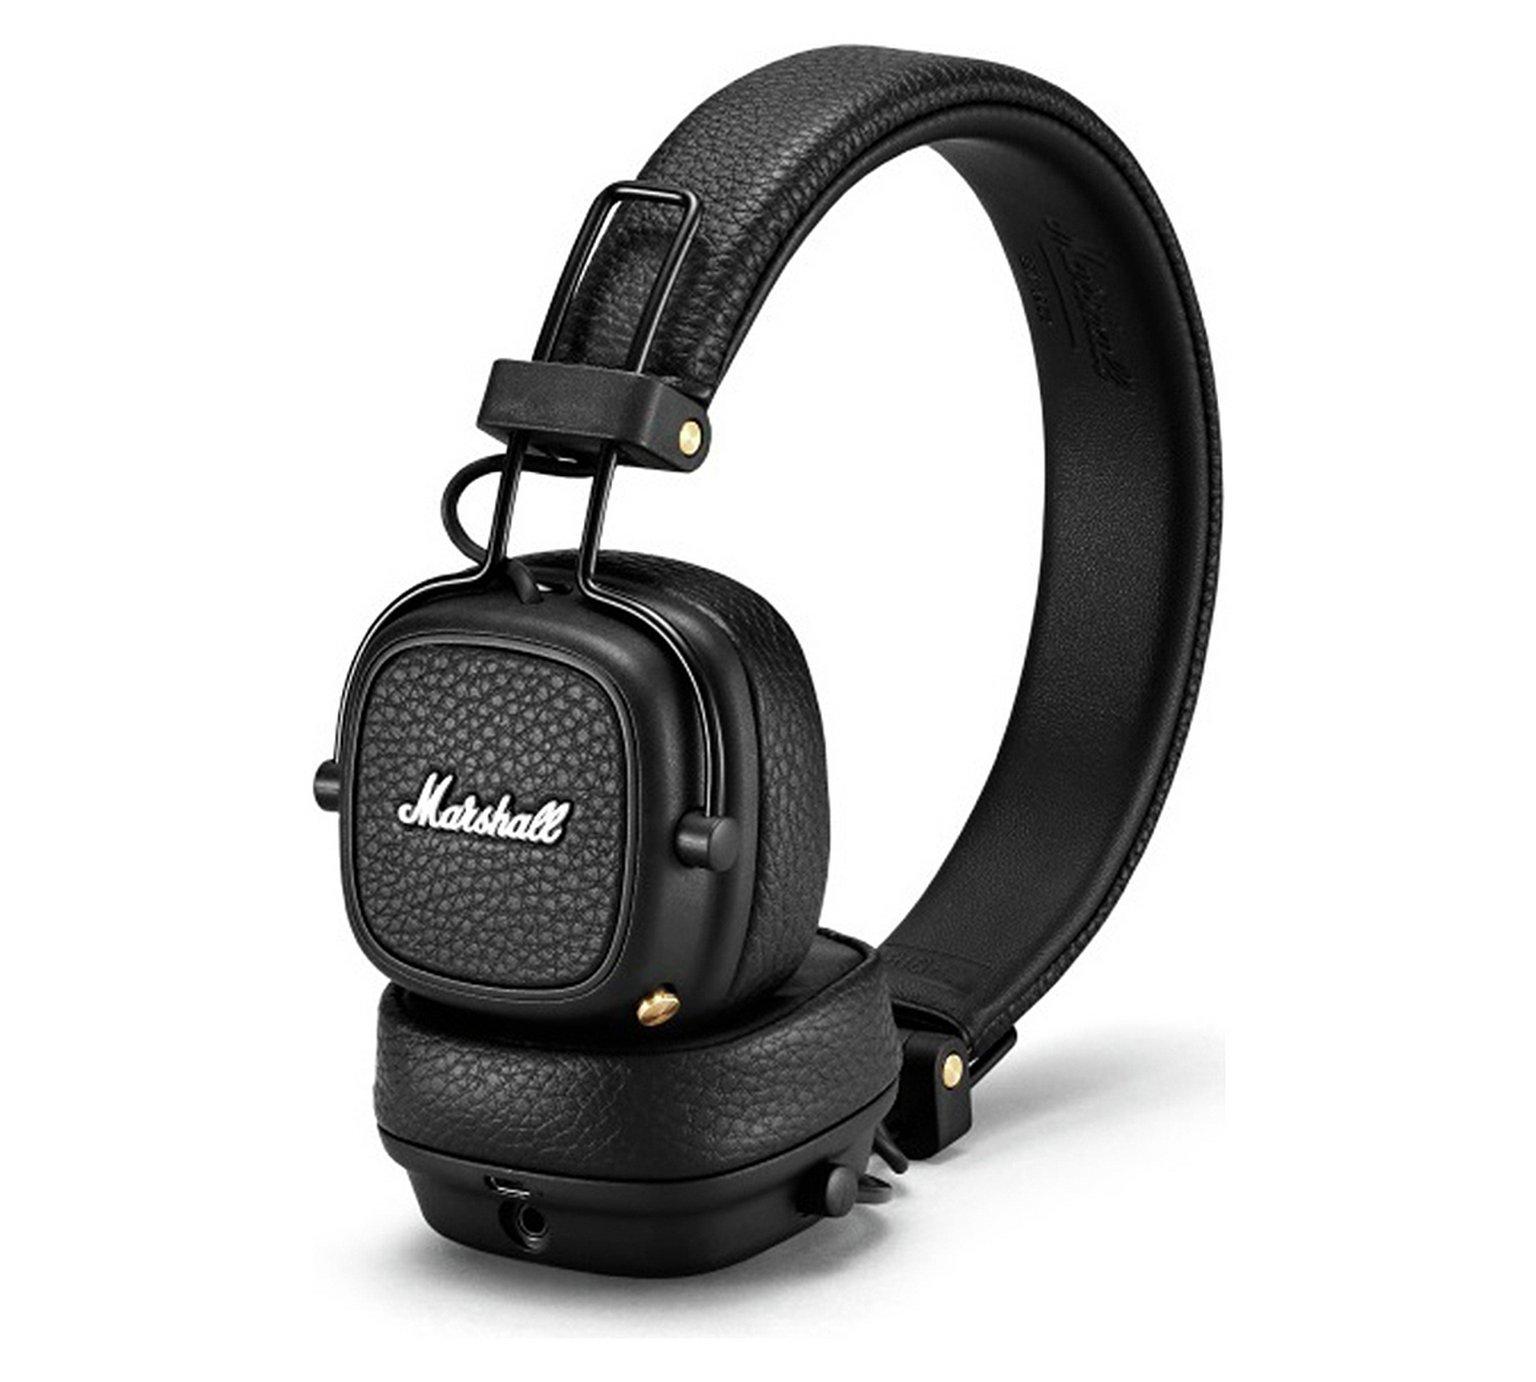 หูฟัง Marshall Major III Bluetooth สีBlack